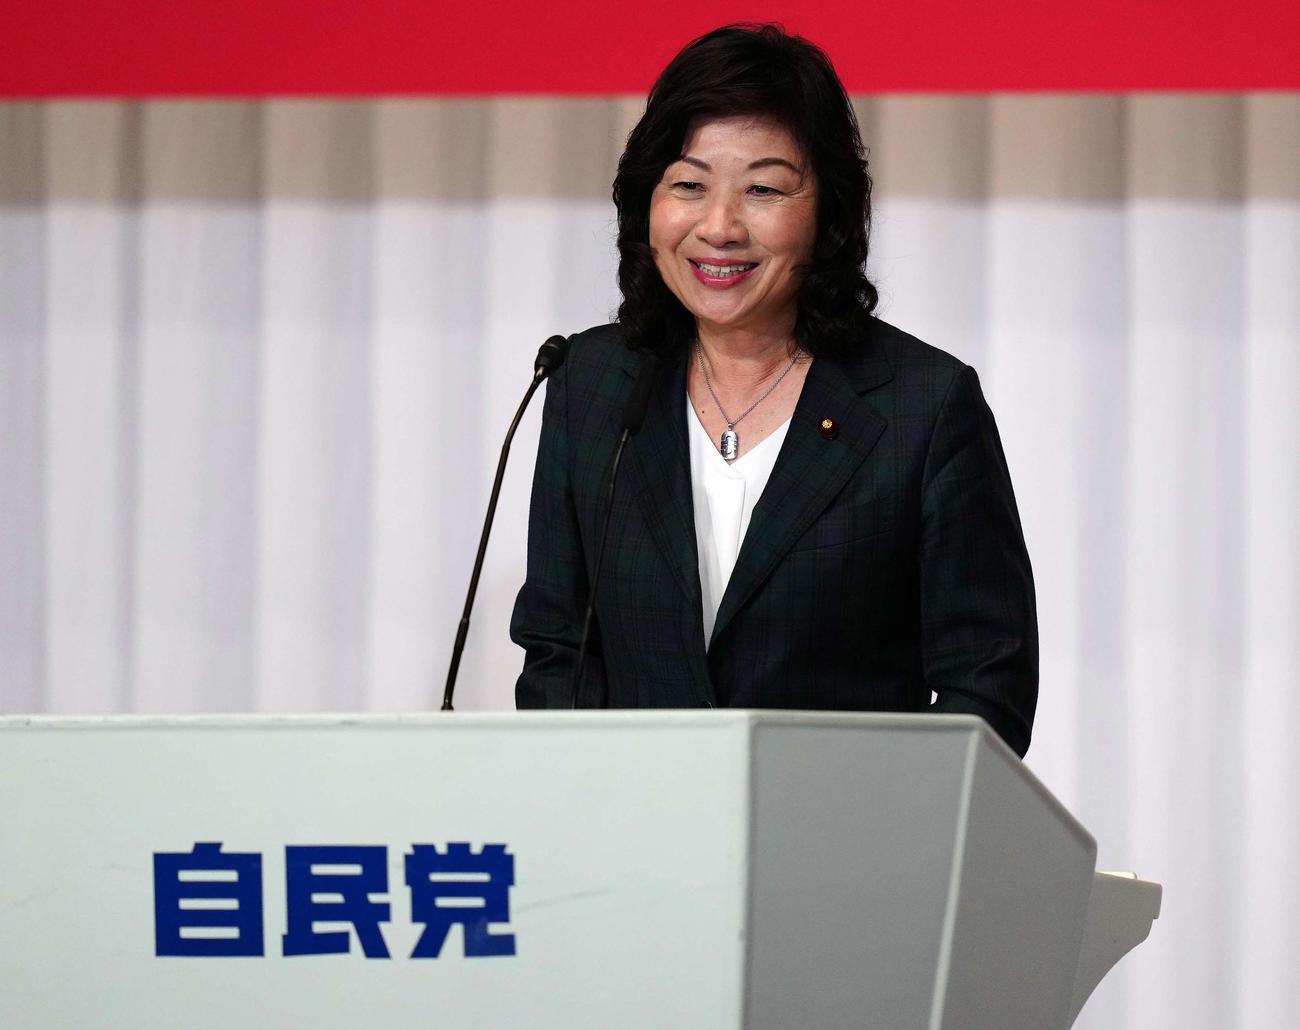 所見発表演説会で笑顔を見せる野田聖子幹事長代行(撮影・江口和貴)